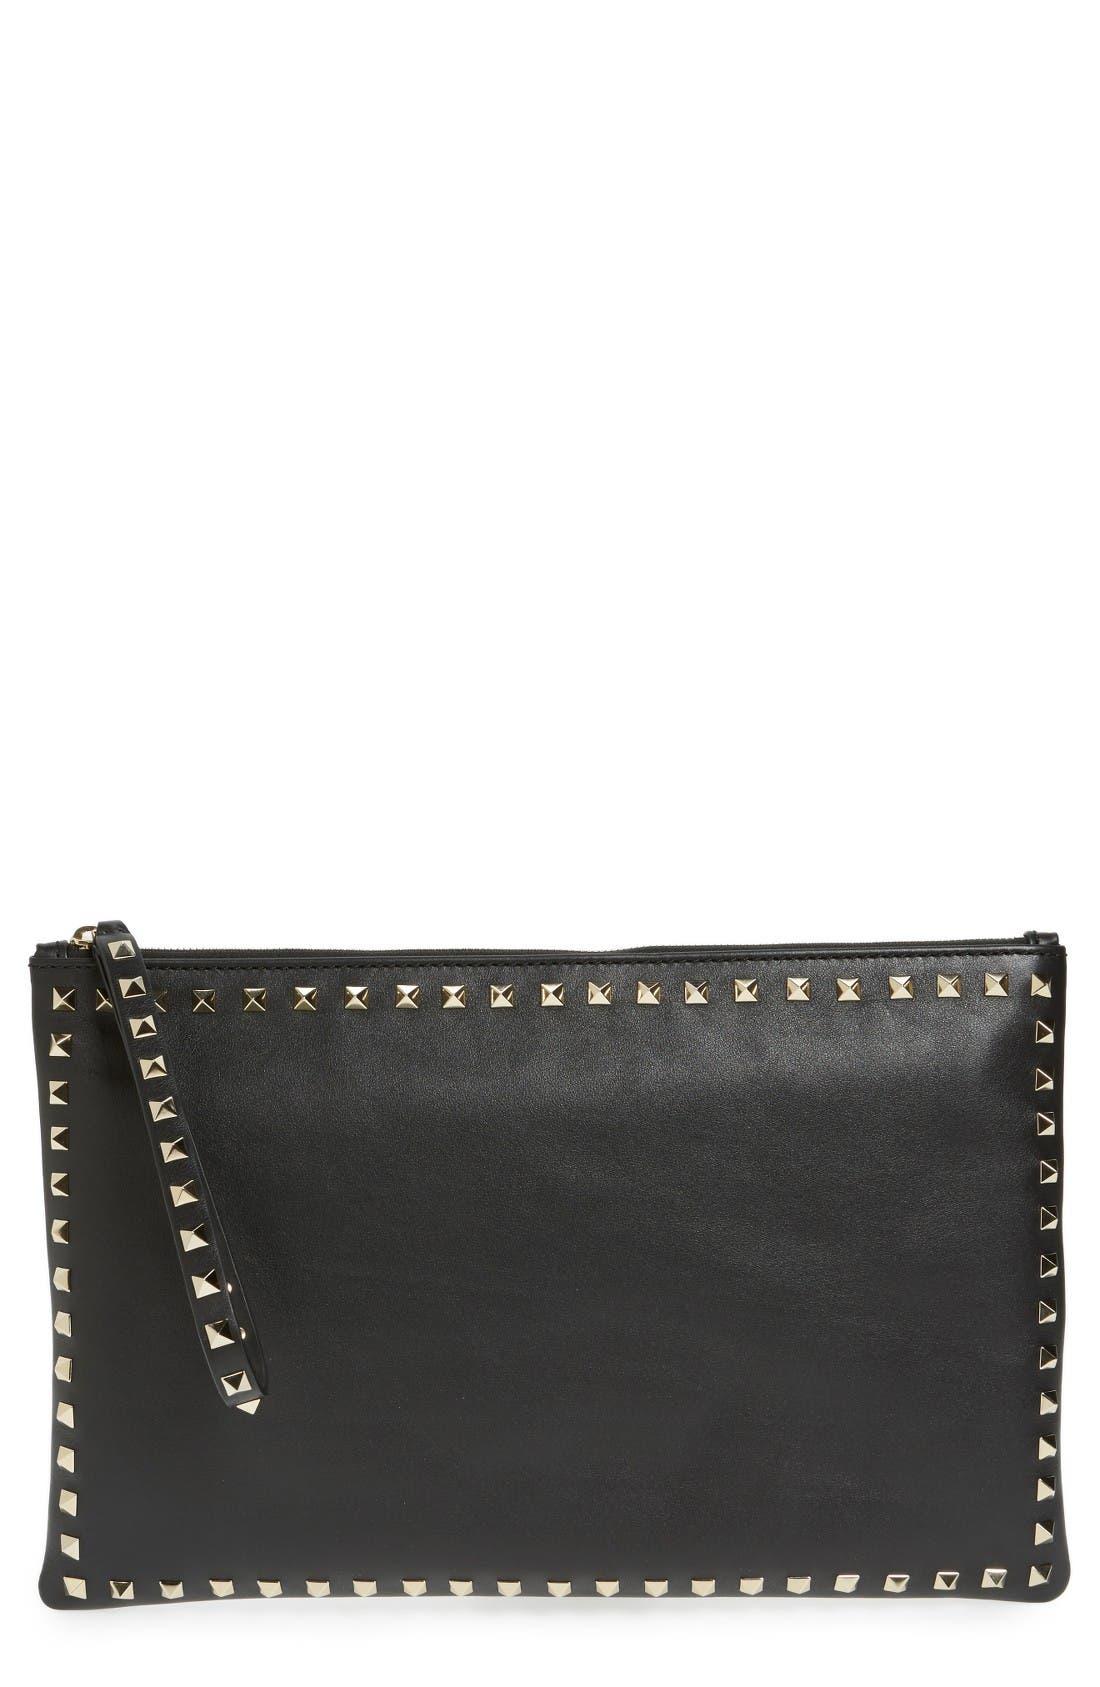 Valentino Small Rockstud Vitello Leather Clutch,                         Main,                         color, Nero